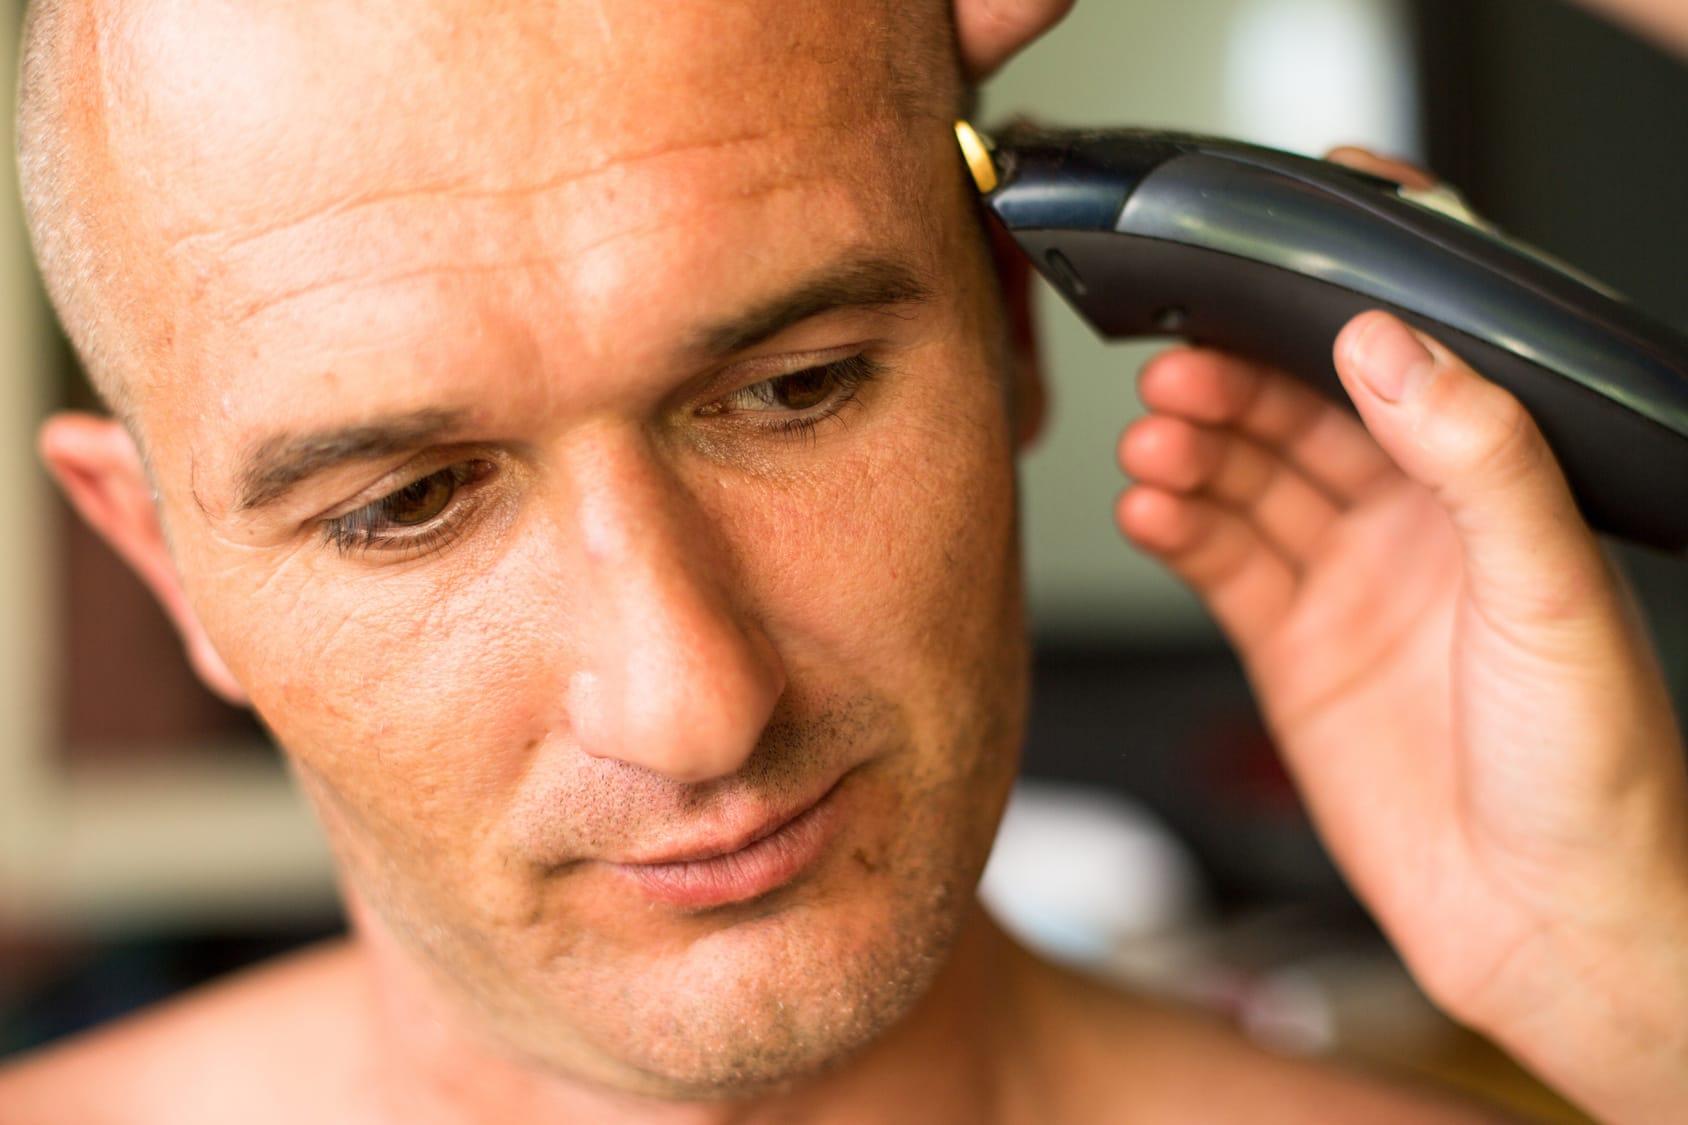 Glatze Rasieren So Wirds Gemacht Haushaltstippsnet